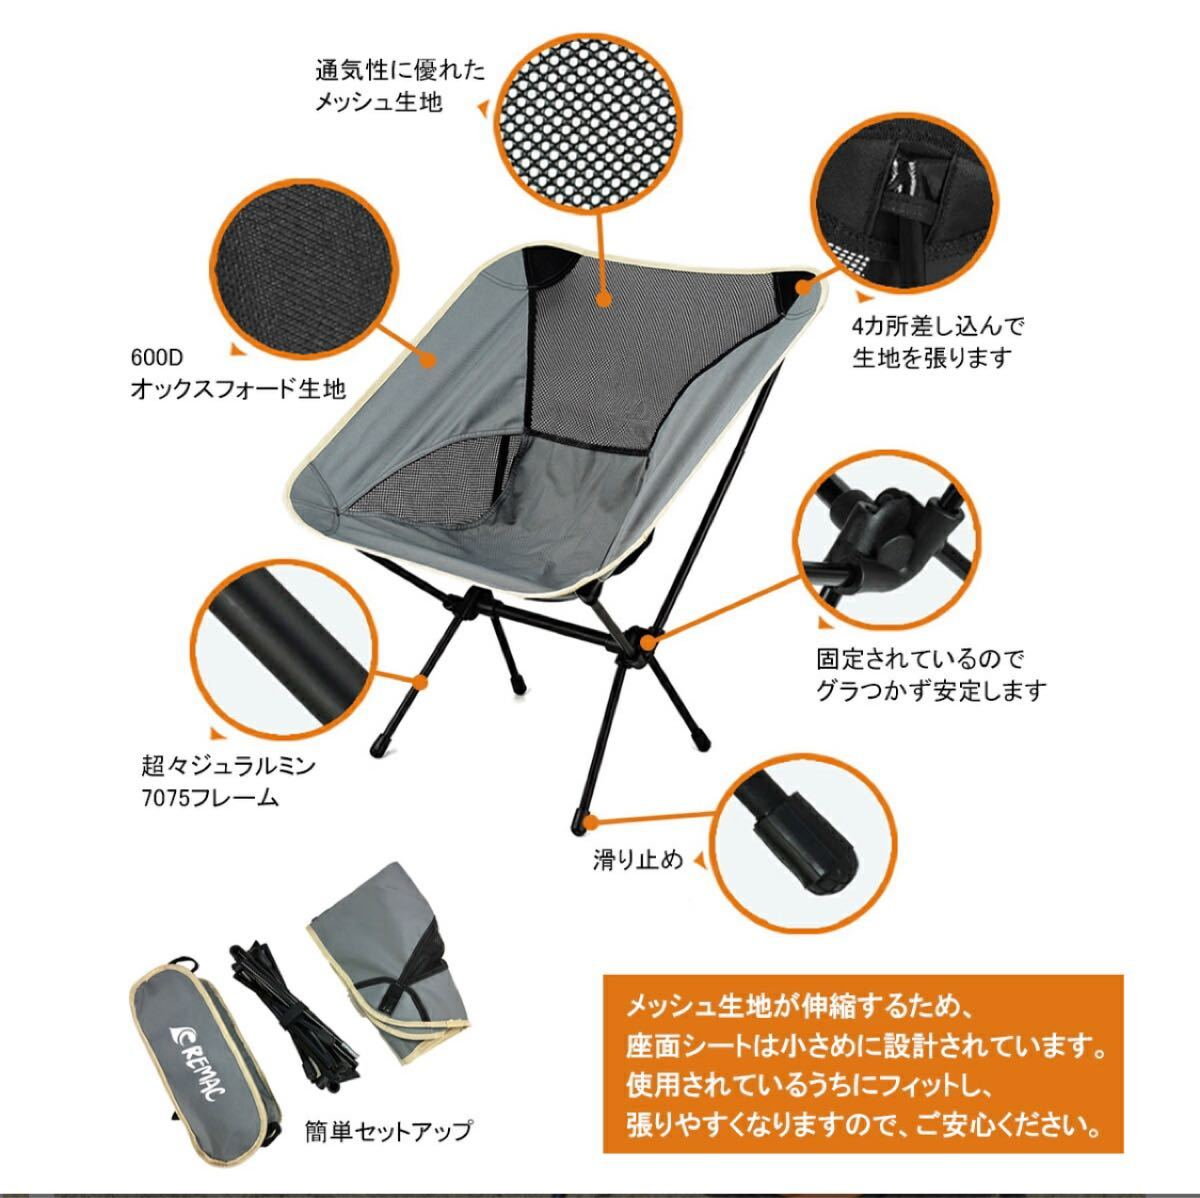 新品 らくらく持ち運び アウトドアチェア 折りたたみ キャンプ椅子 グレー 01